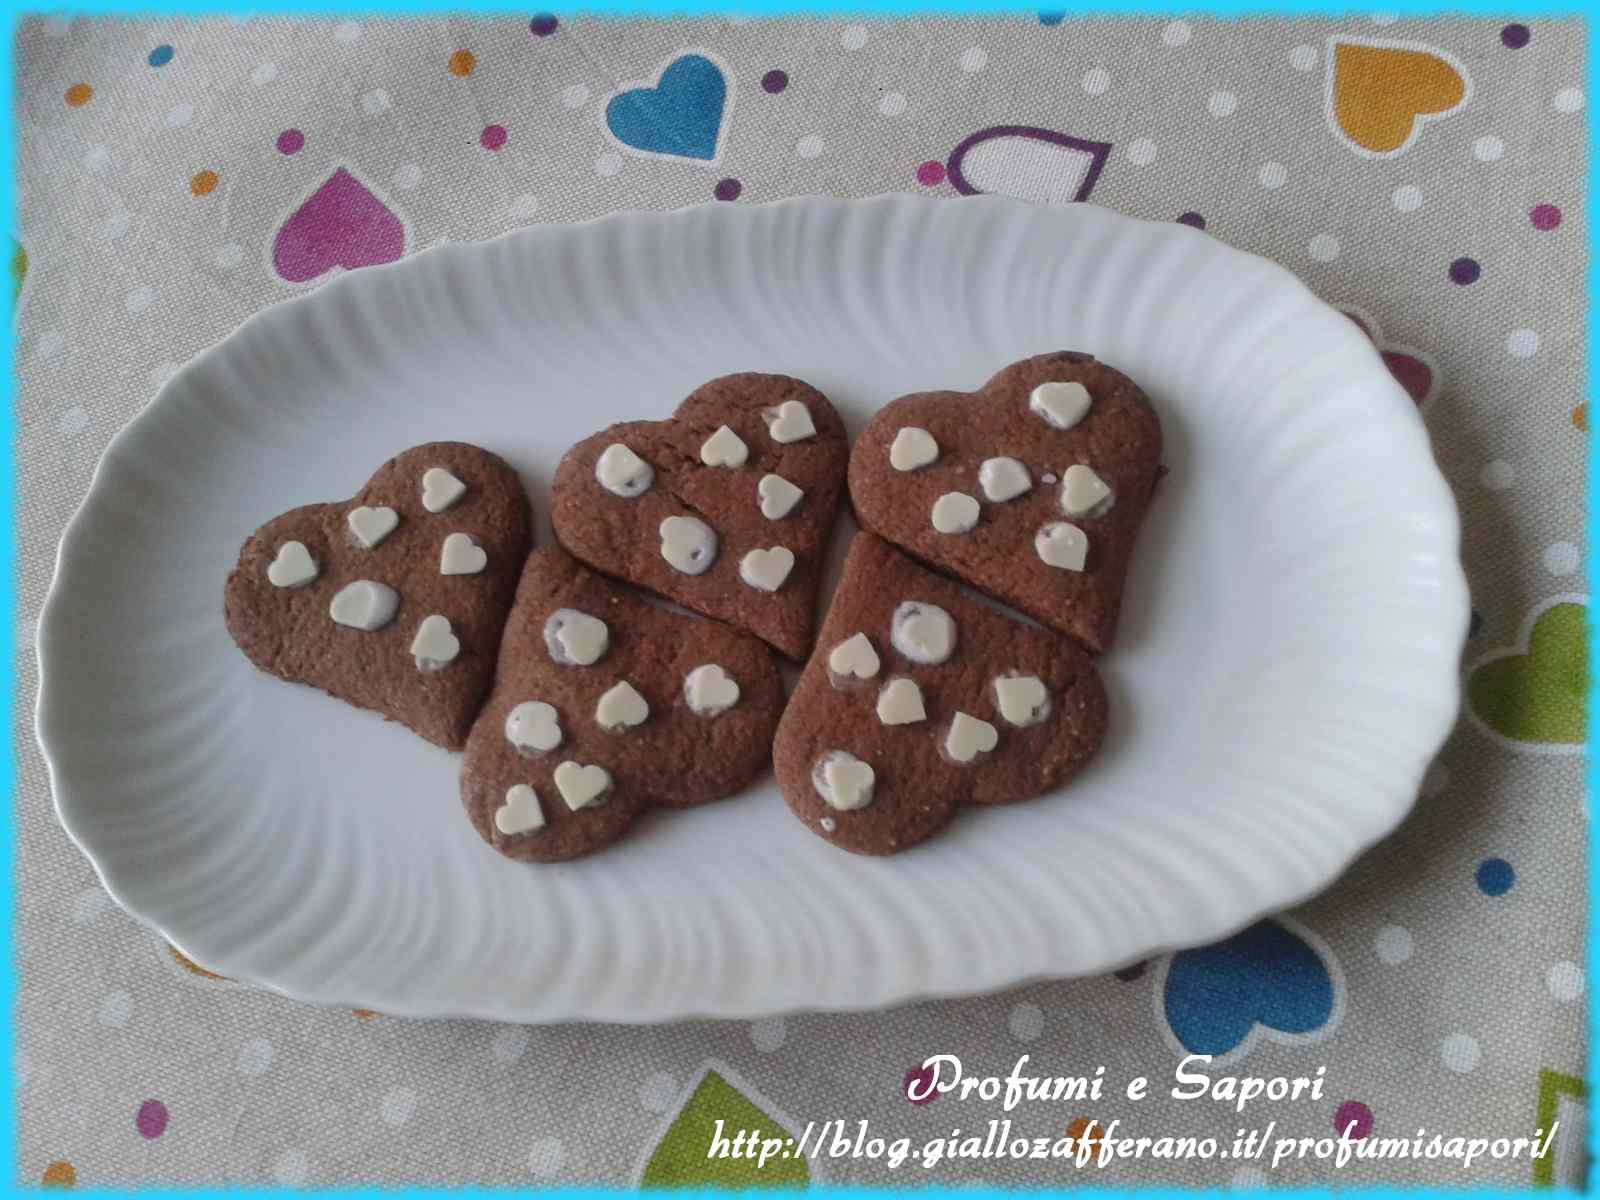 Ricetta: Biscottini cuoricini bicolori